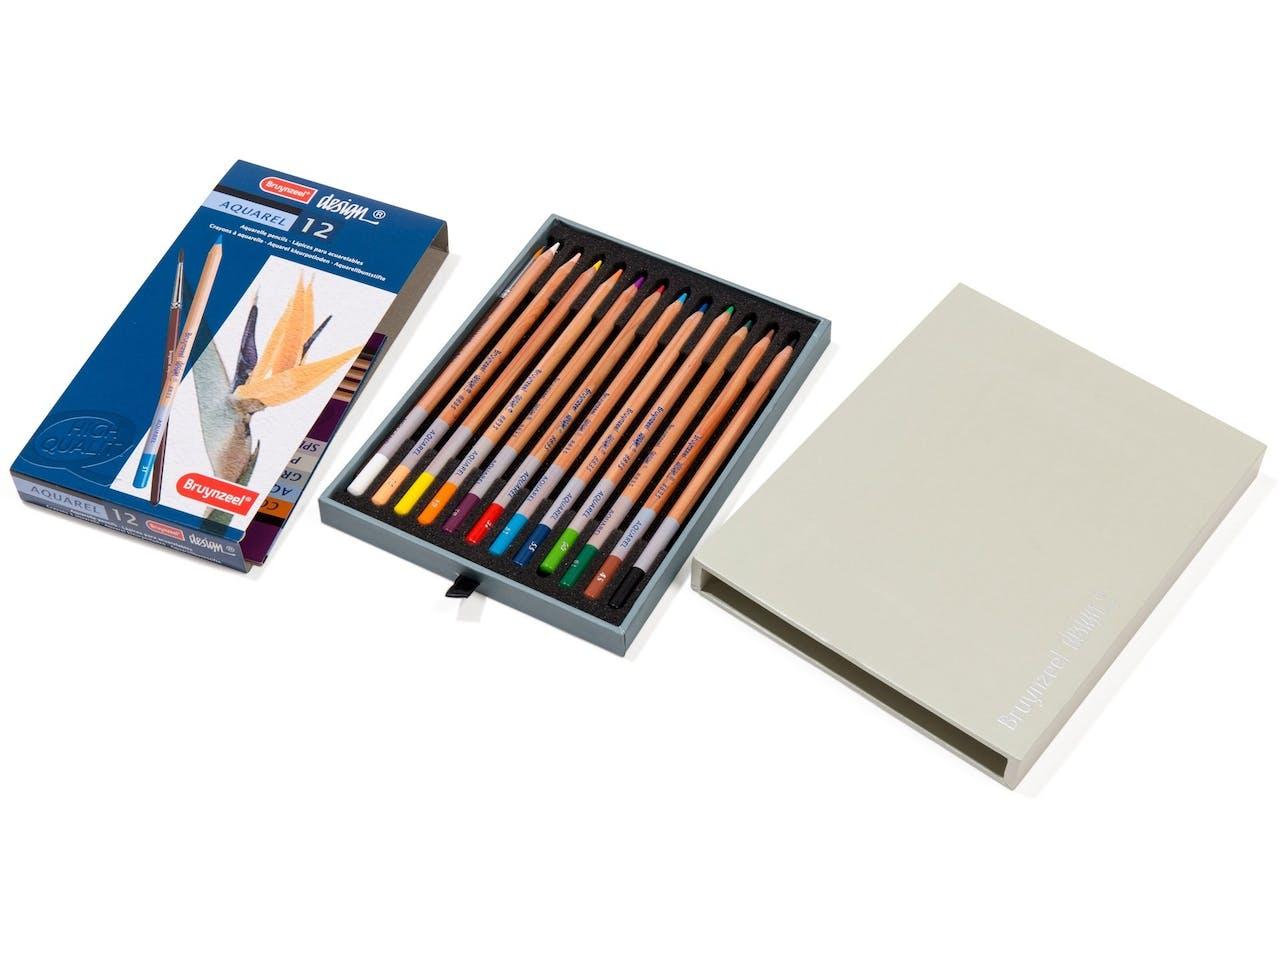 Bruynzeel design Aquarellbuntstifte, Set in ausziehbarer Box, 24 Stifte + 1 Pinsel